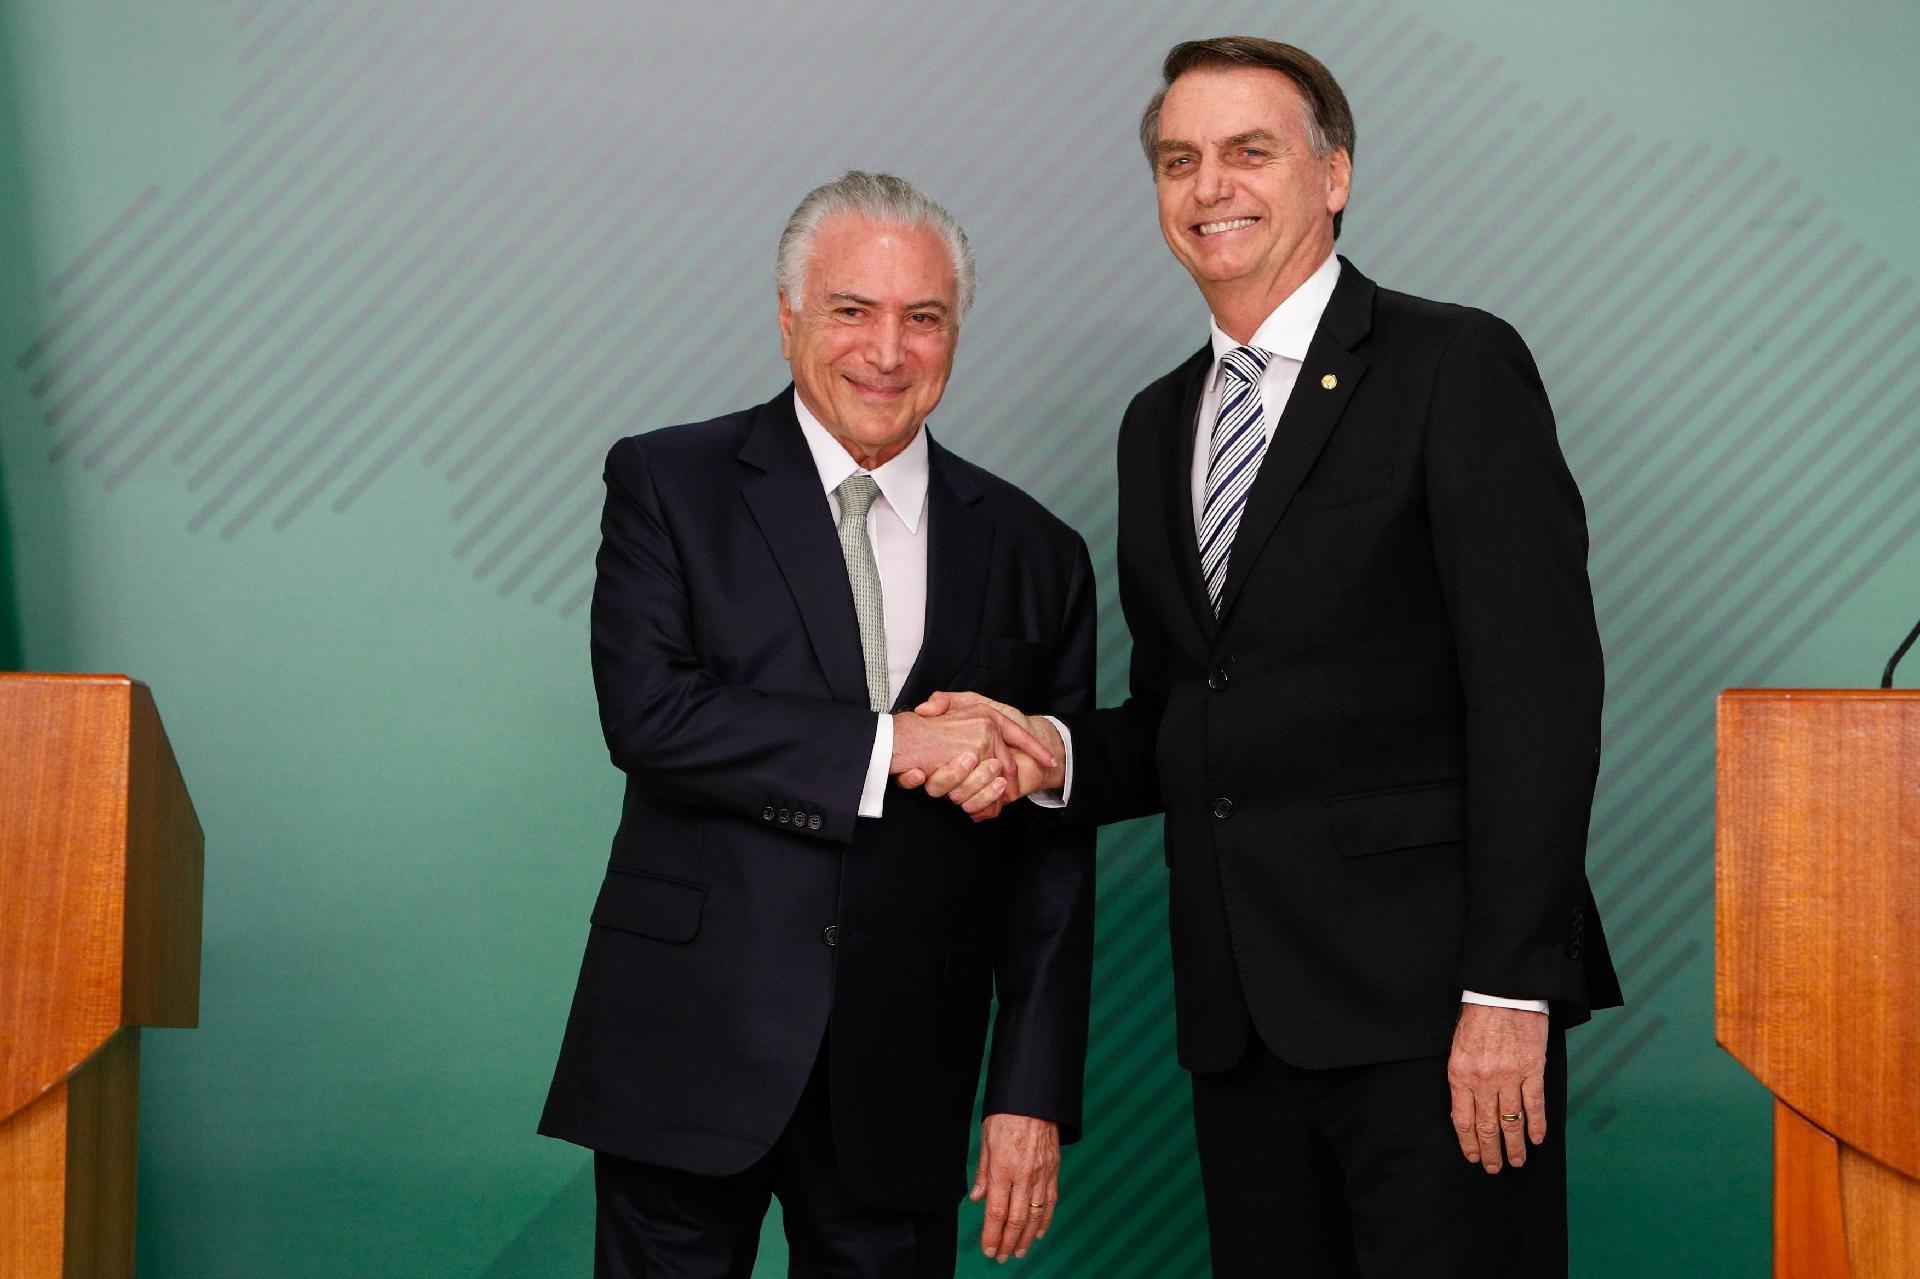 Temer sugere que Bolsonaro use atual reforma da Previdência para aprovar  idade mínima - 06 12 2018 - UOL Economia 1a4af34799019